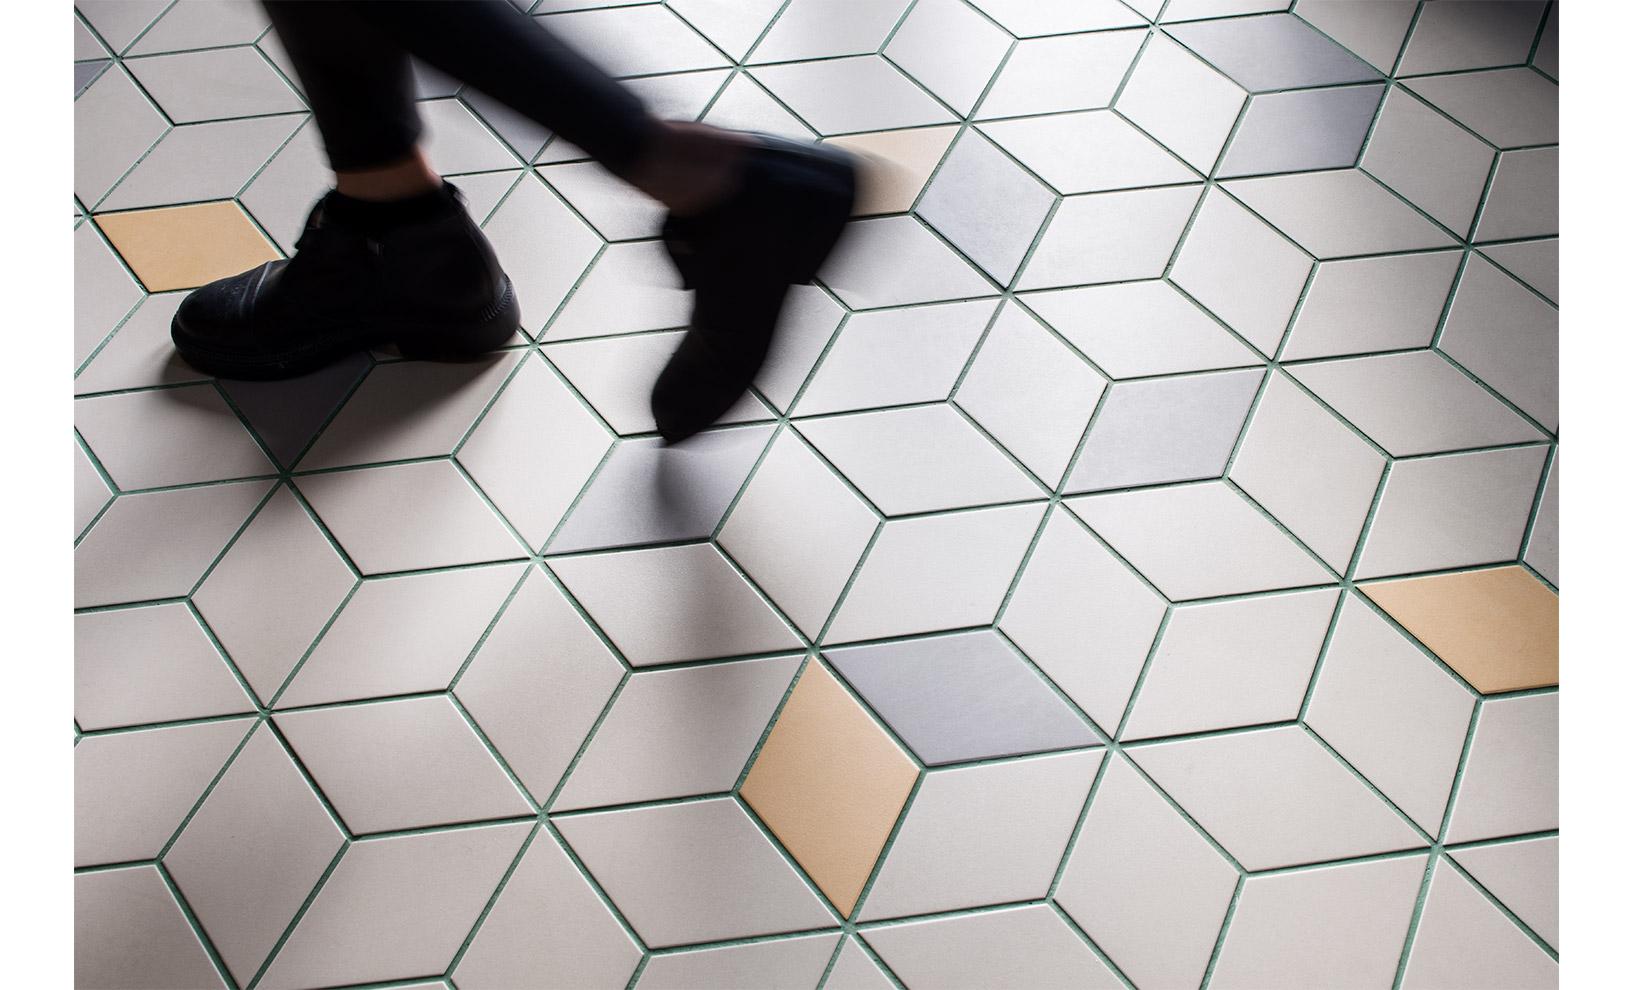 marco-tacchini-fotografo-architettura-antonio-perrone-villa-fc_08